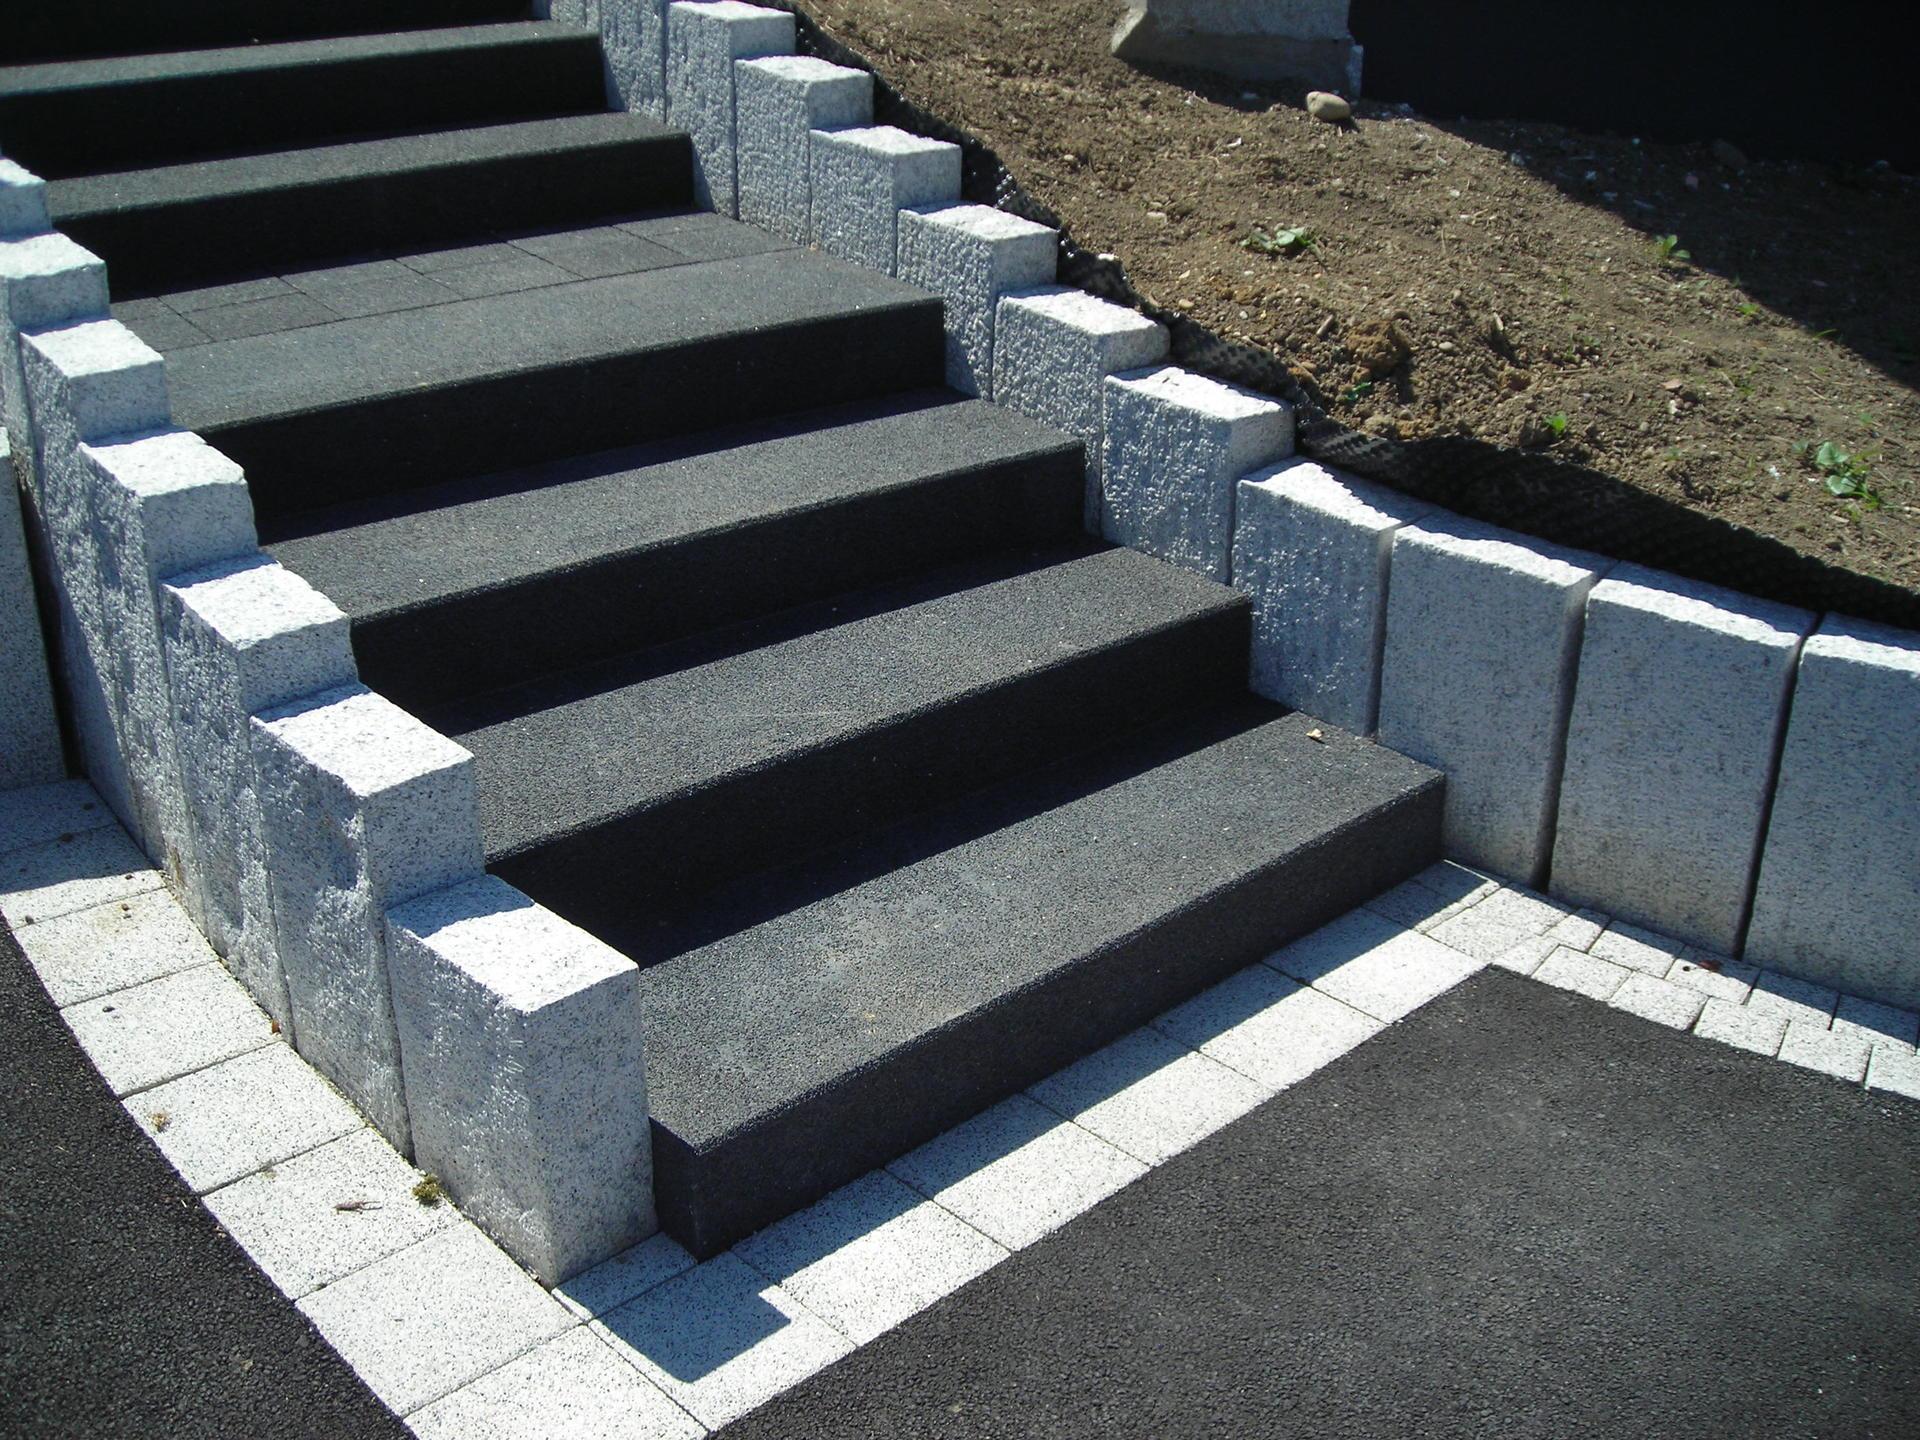 Escaliers Haut-Rhin : Béton, Pierre, Composite, Métallique avec Nez De Marche Extérieur En Pierre